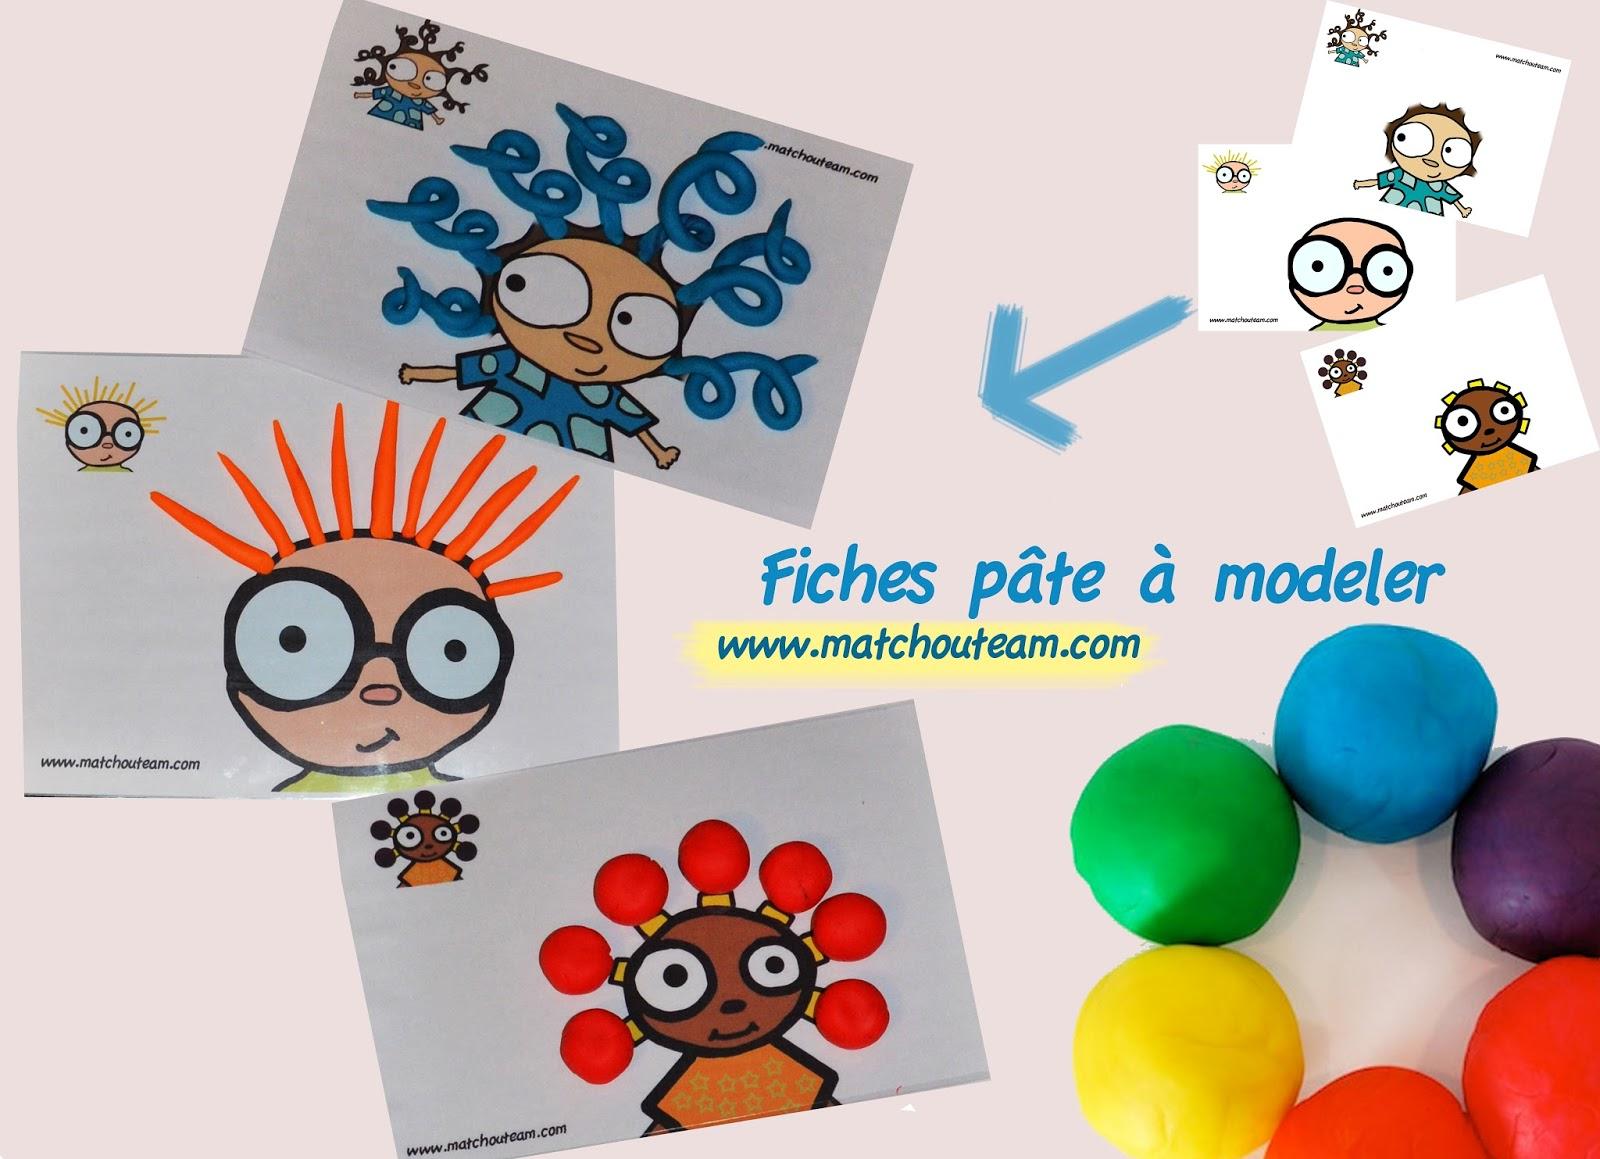 #C22209 Ma Tchou Team: 7 Fiches Pour La Pâte à Modeler 5519 décorations de noel tête à modeler 1600x1159 px @ aertt.com